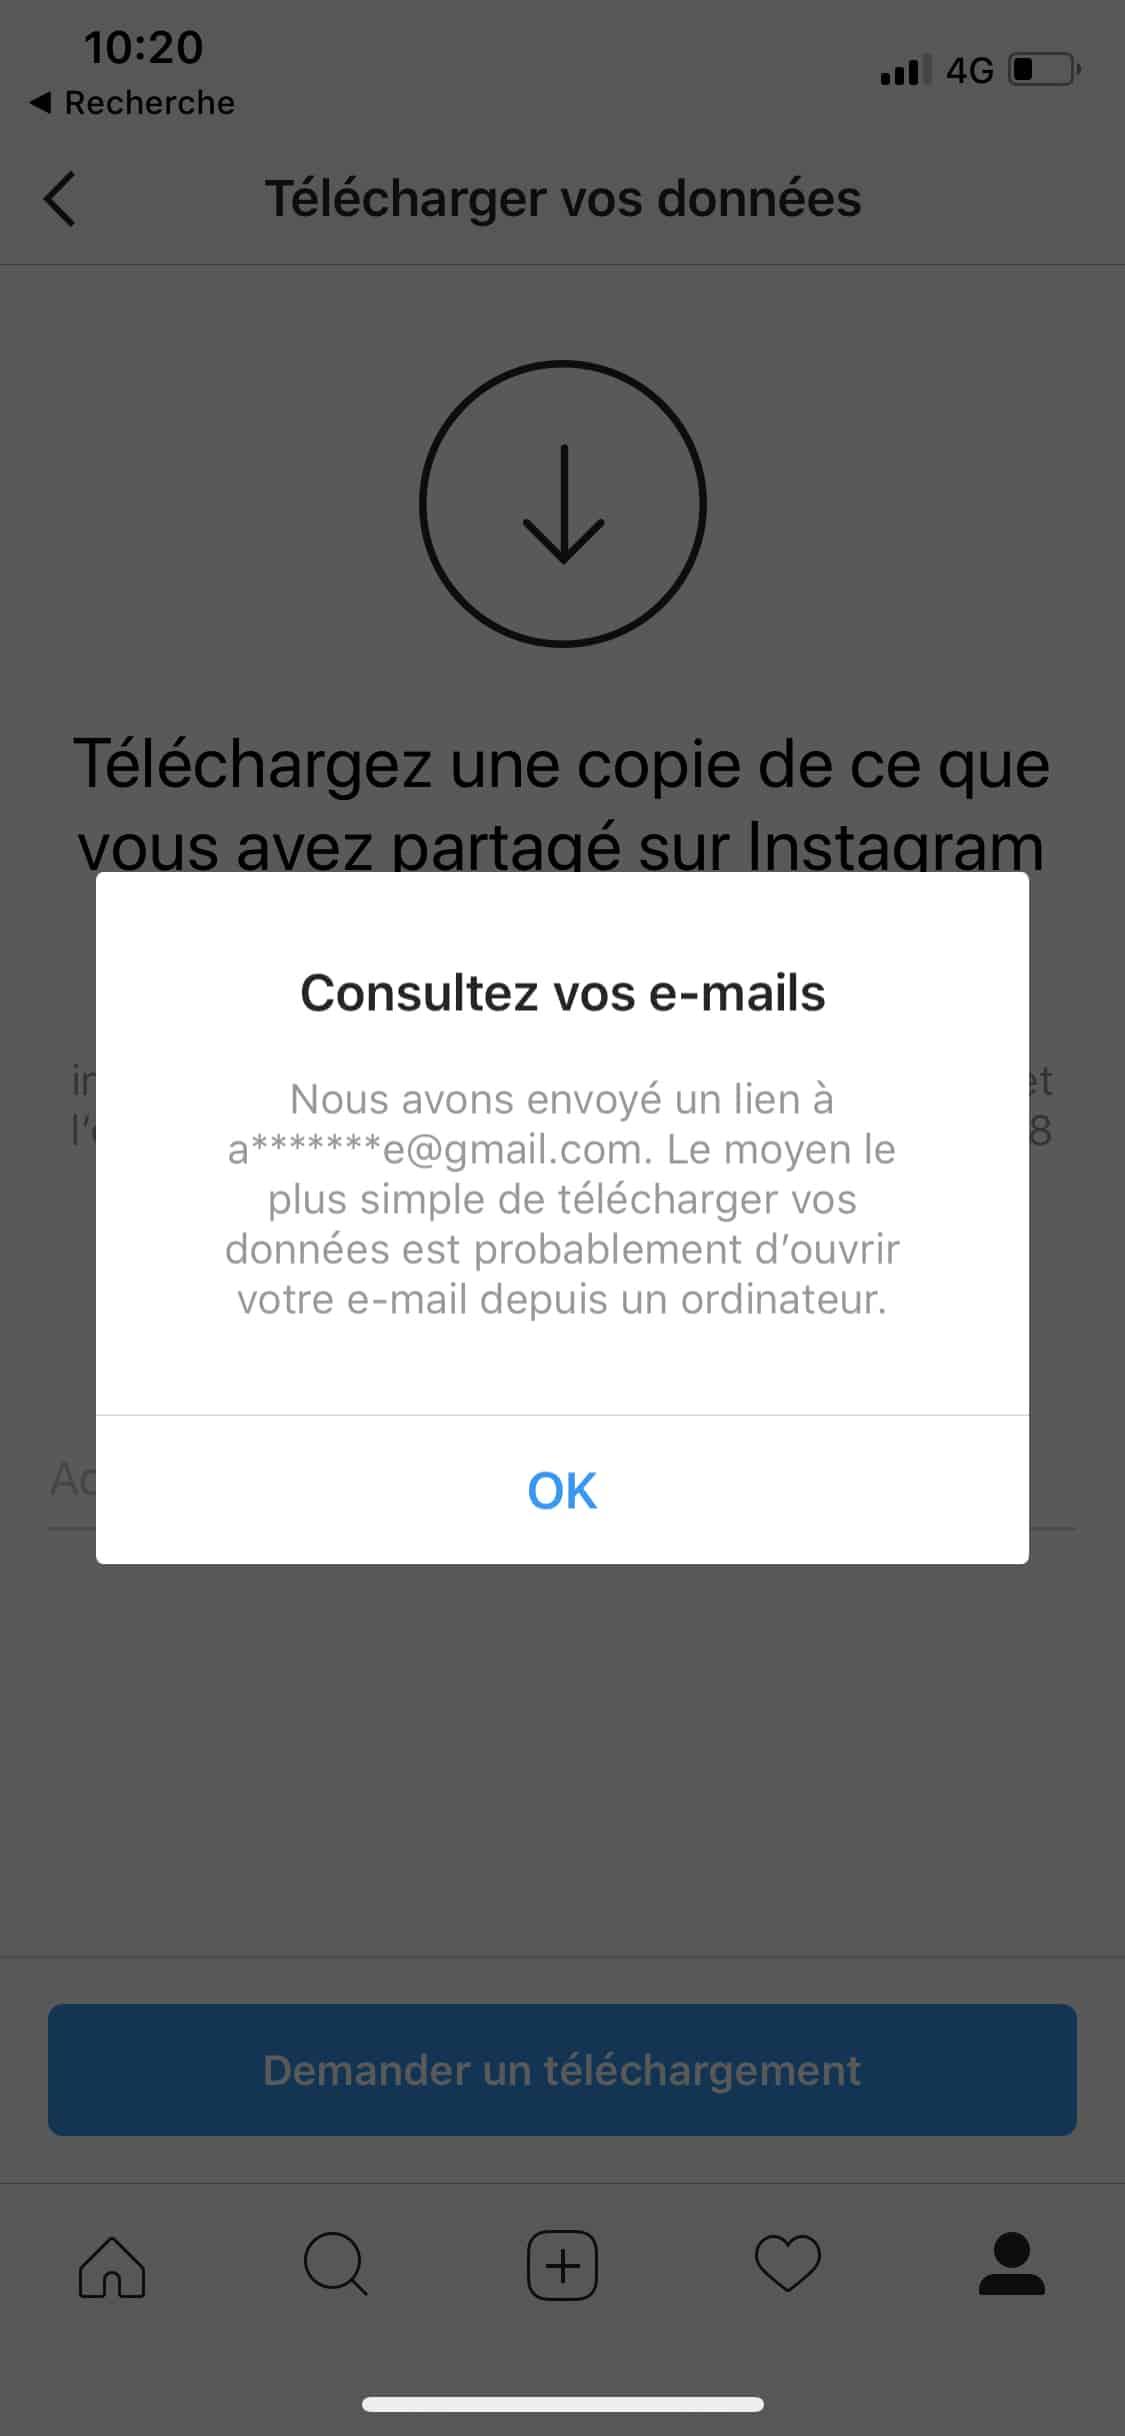 télécharger les données de votre profil Instagram